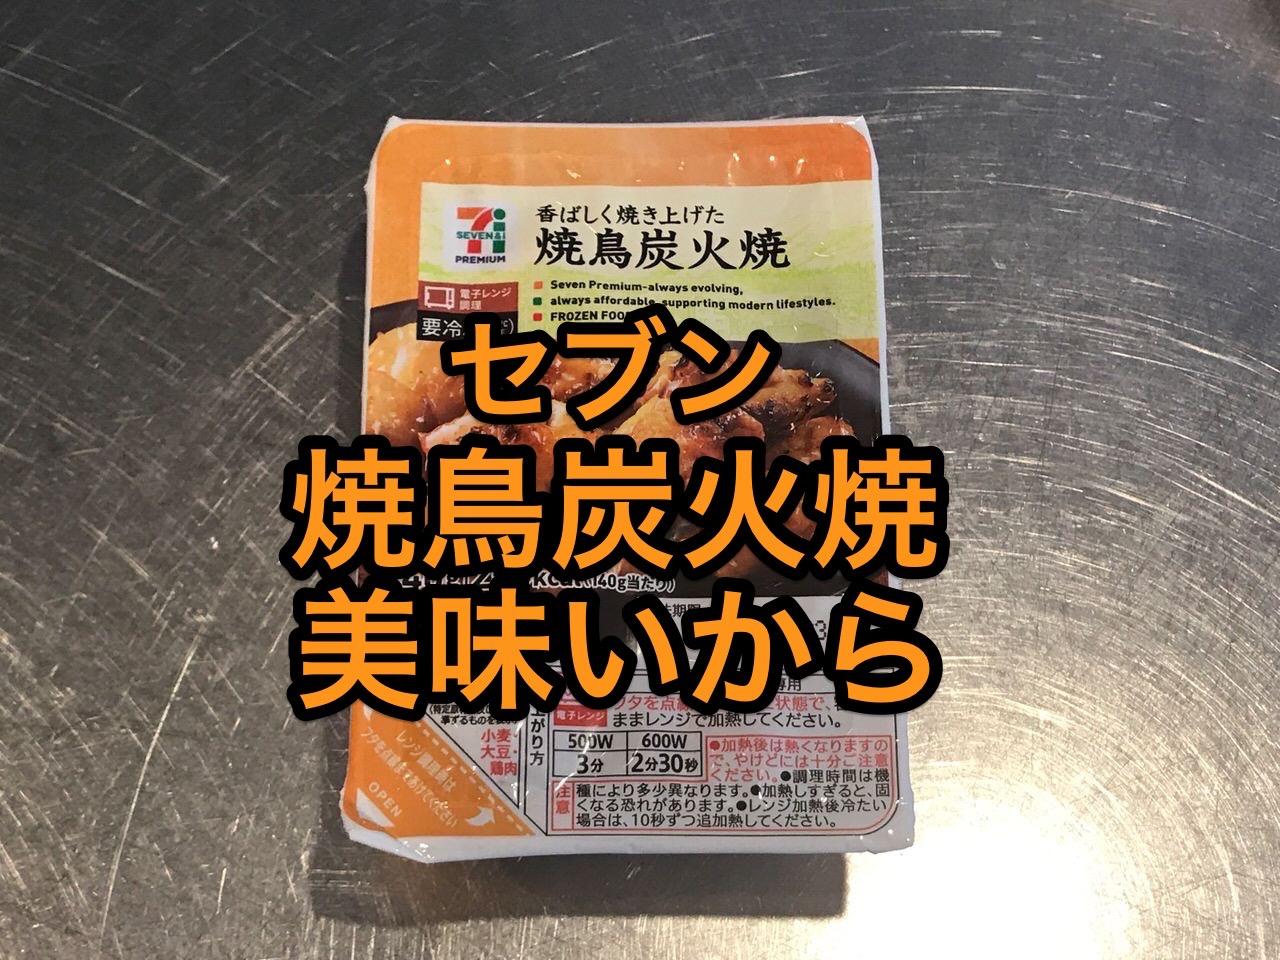 【セブンイレブン】冷凍食品「焼鳥炭火焼」235円で美味いから